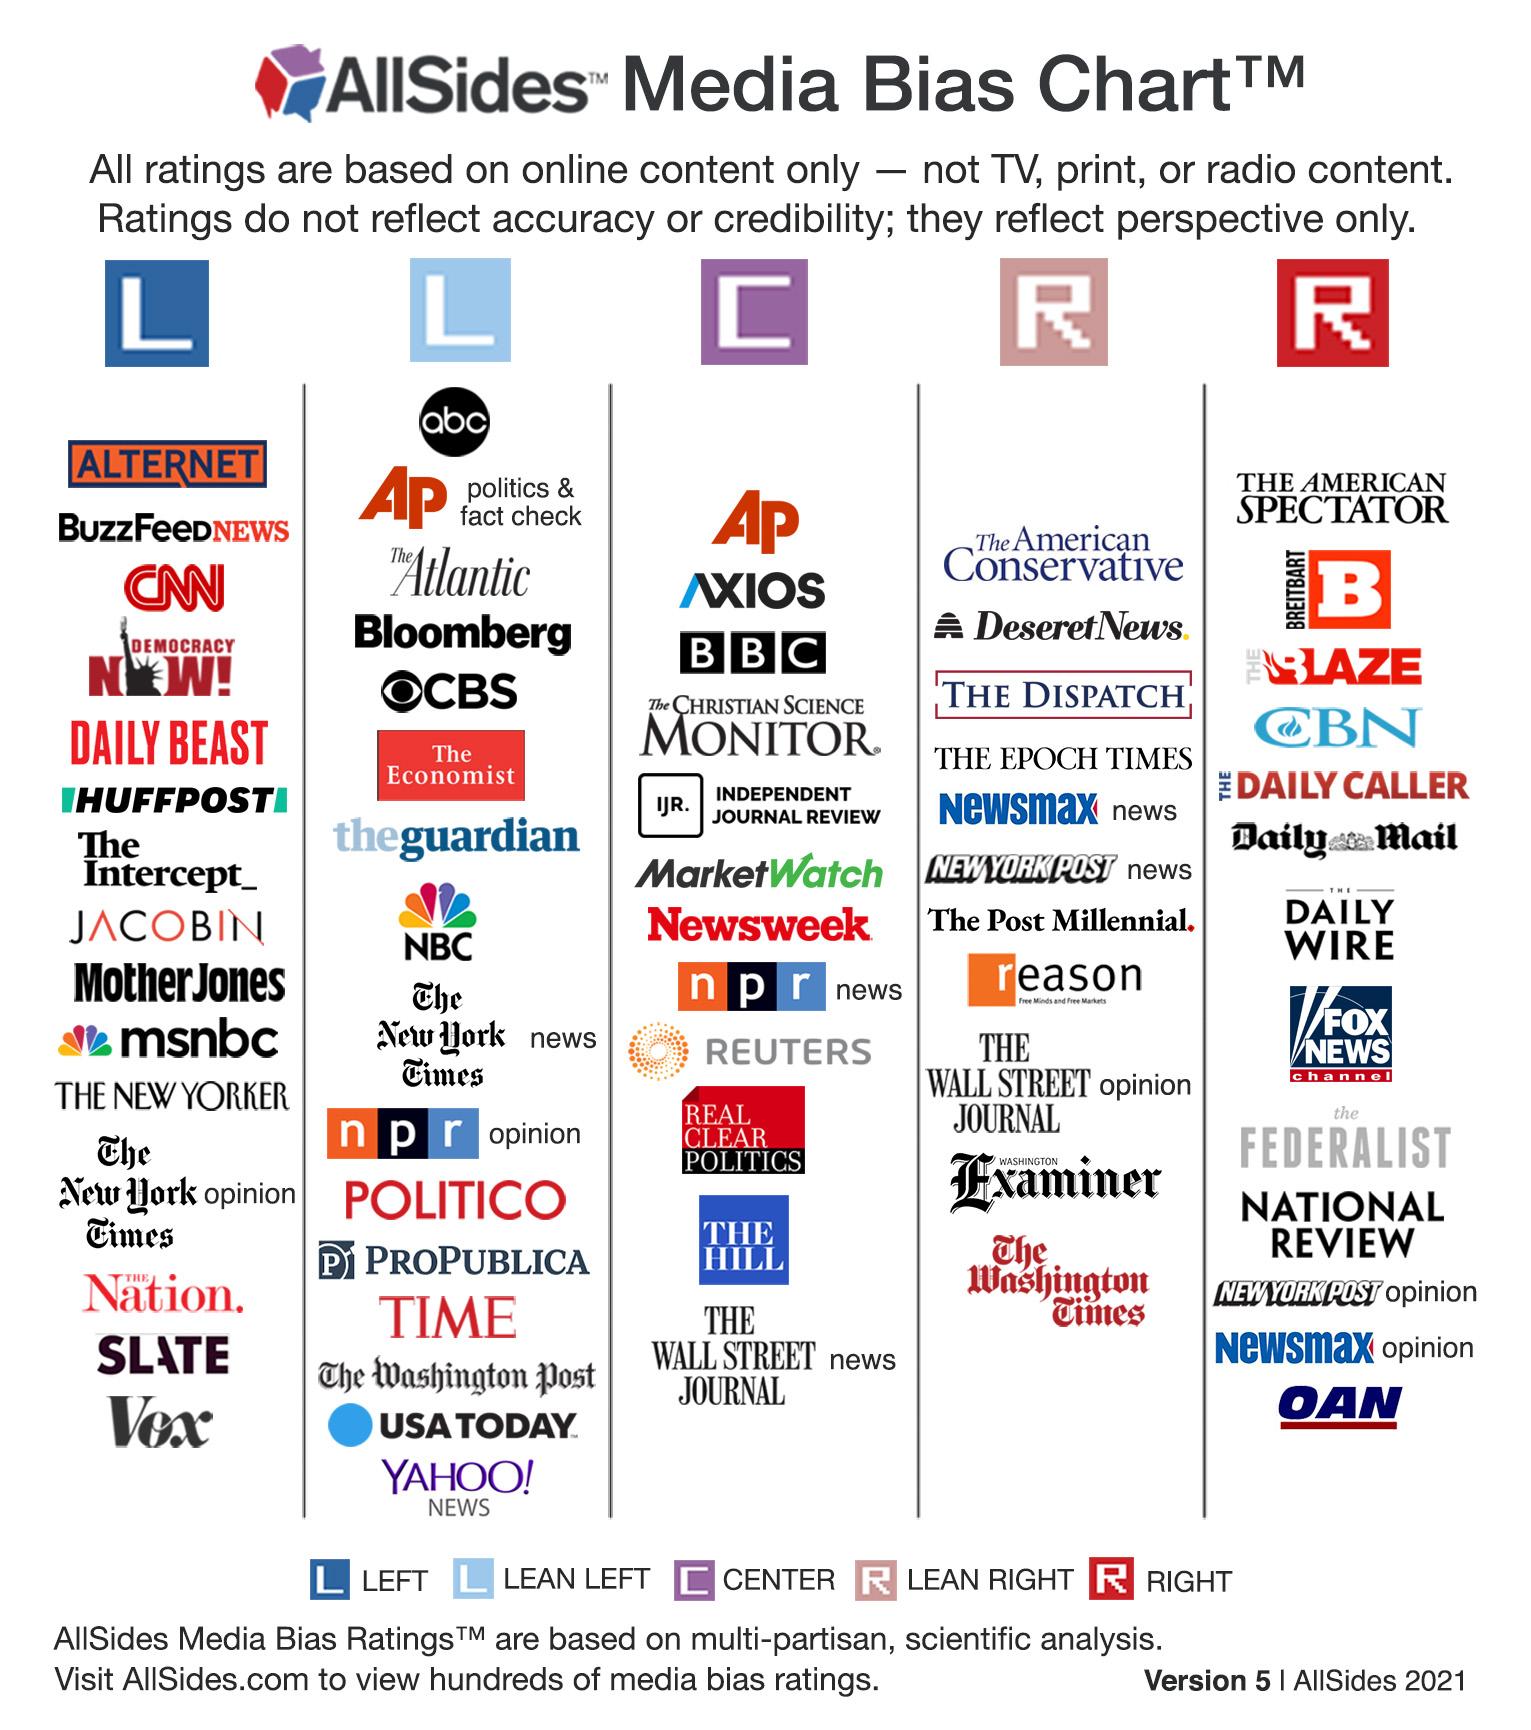 AllSides Media Bias Chart Version 5, 2021